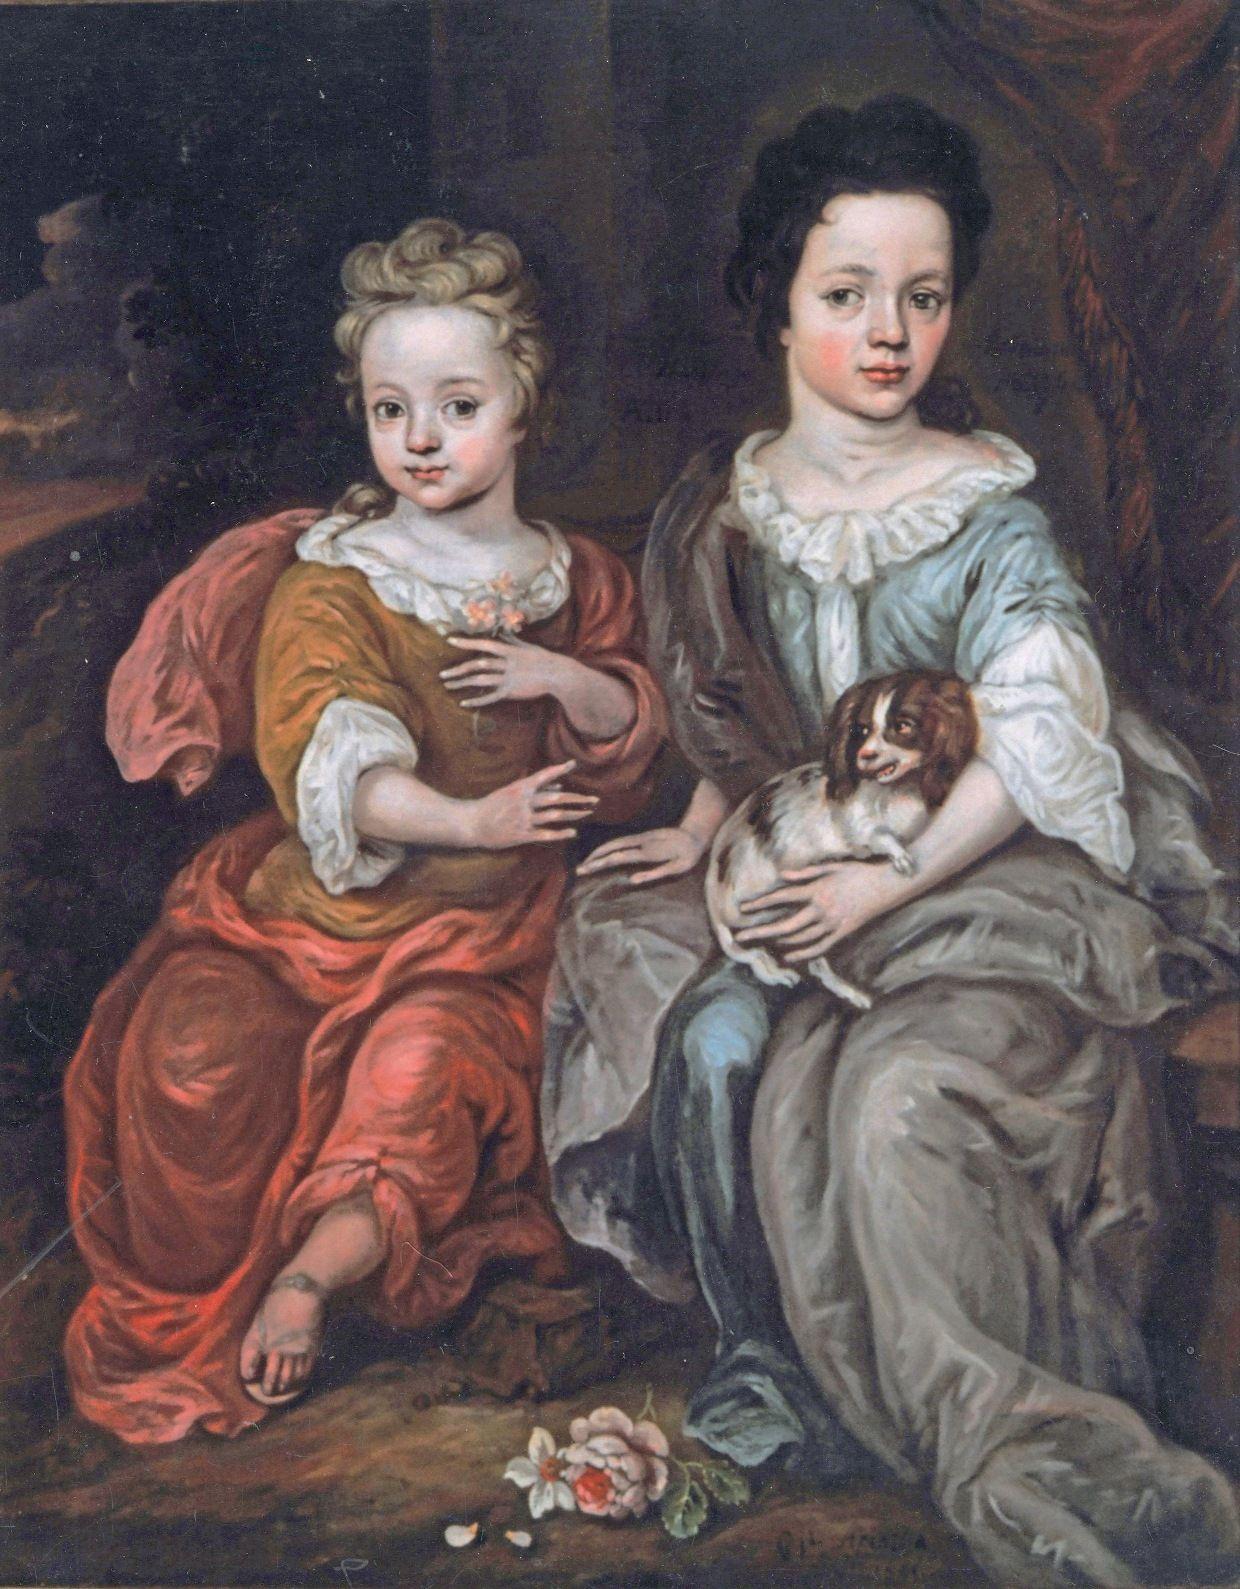 PORTRET VAN ANNA EN ELISABETH, ZUSJES VAN WILLEM TIBERIUS HATTINGA, GESCHILDERD DOOR W. ARENTSEN IN 1701. (MUSEUM HULST)